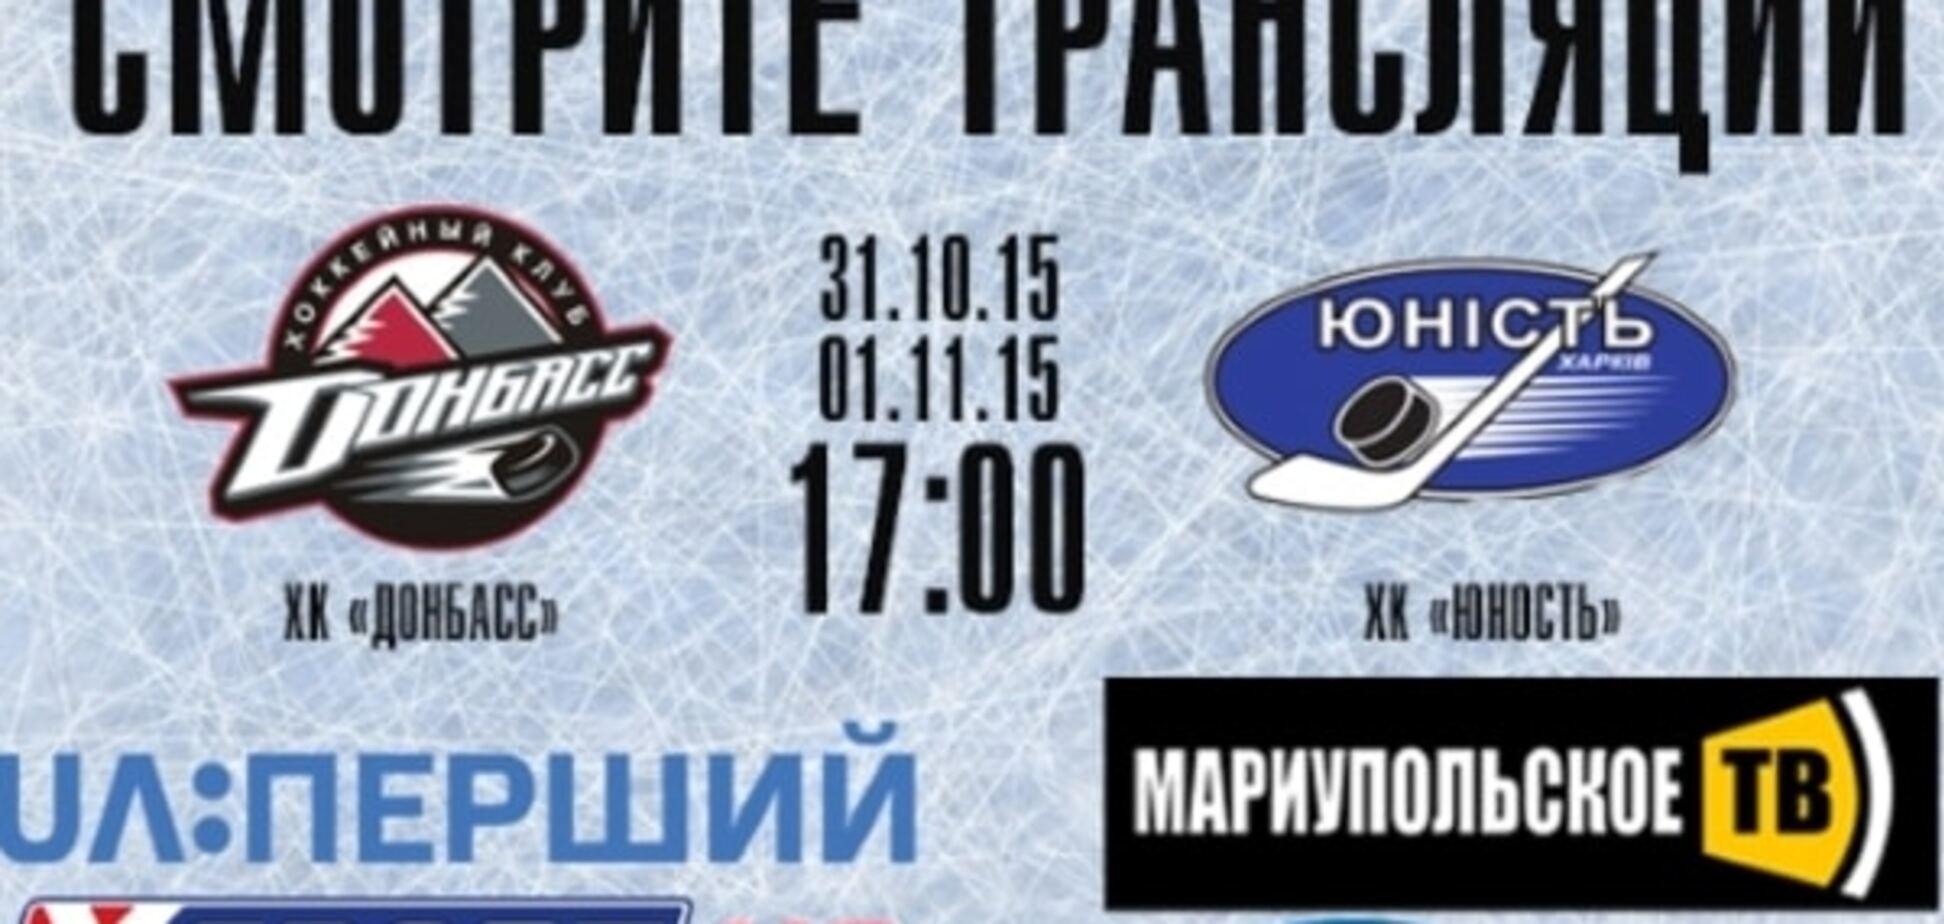 ХК 'Донбасс' - ХК 'Юность' - 13-0: разгром в Дружковке